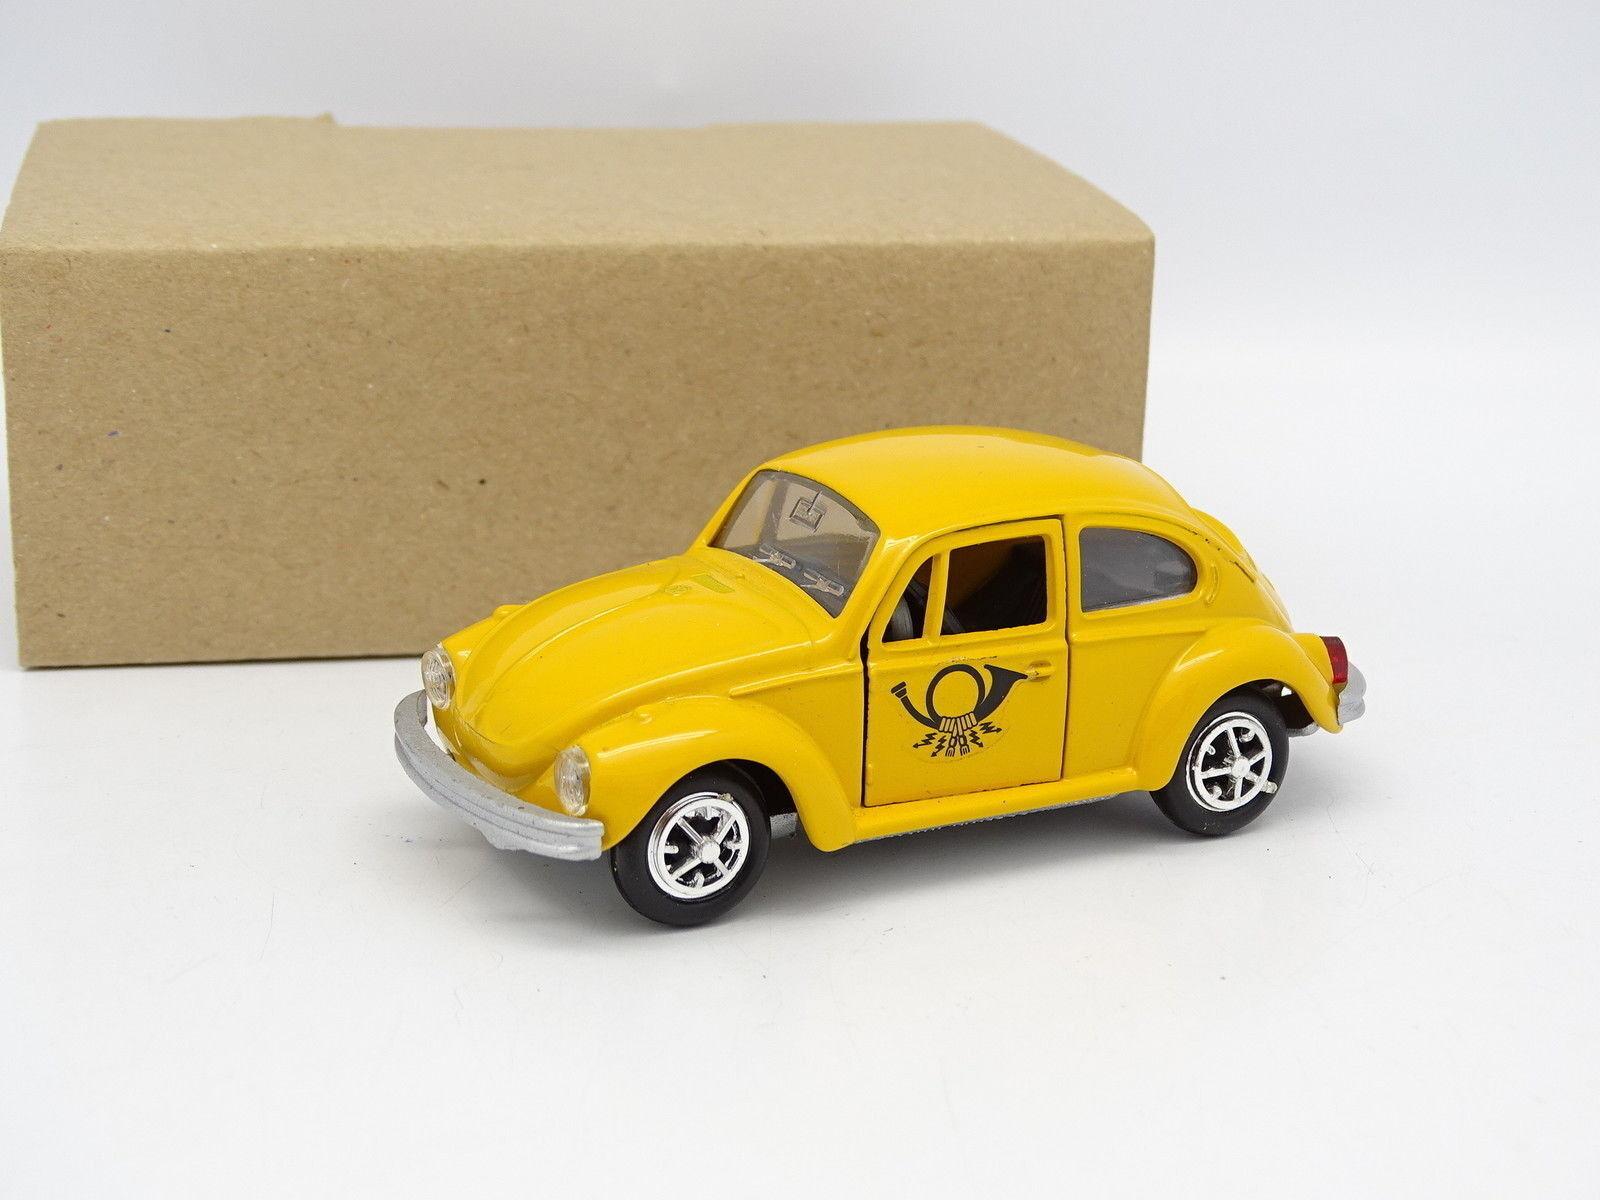 Gama Mini 1 43 - VW Coccinelle 1302  Deutsche Bundespost